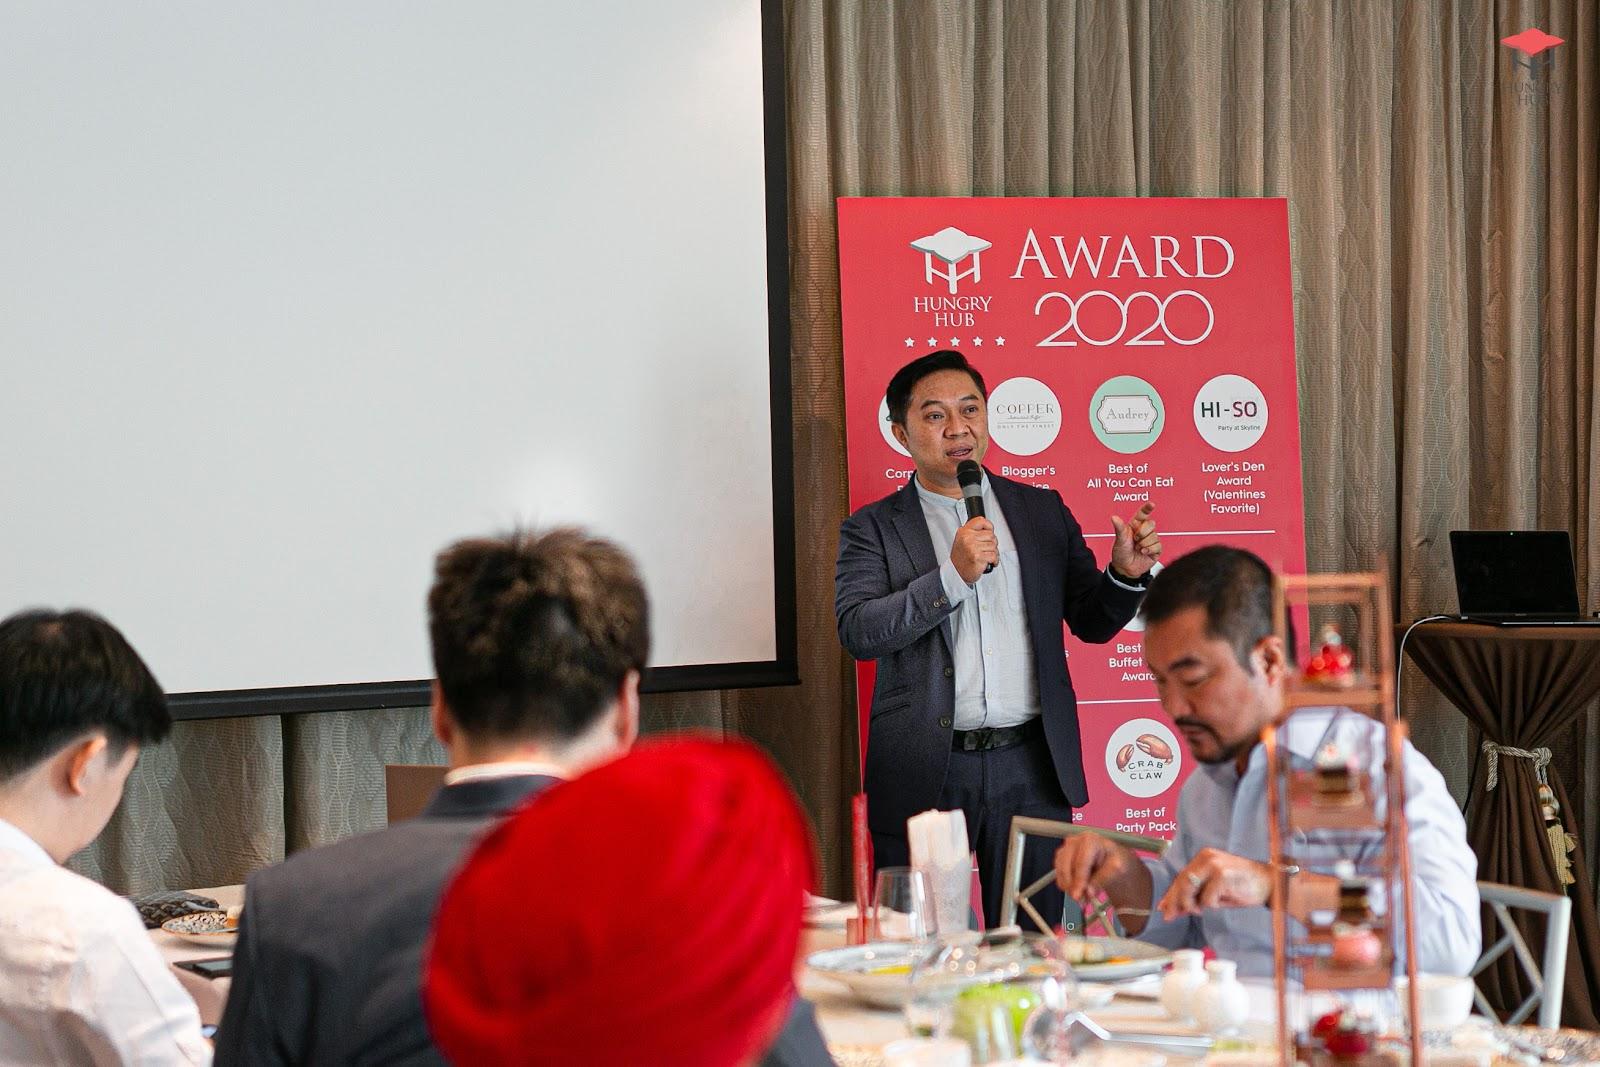 เทคนิคดันยอดขายร้านอาหาร จากคอปเปอร์ บุฟเฟ่ต์ ในงาน Hungry Hub Award 2020